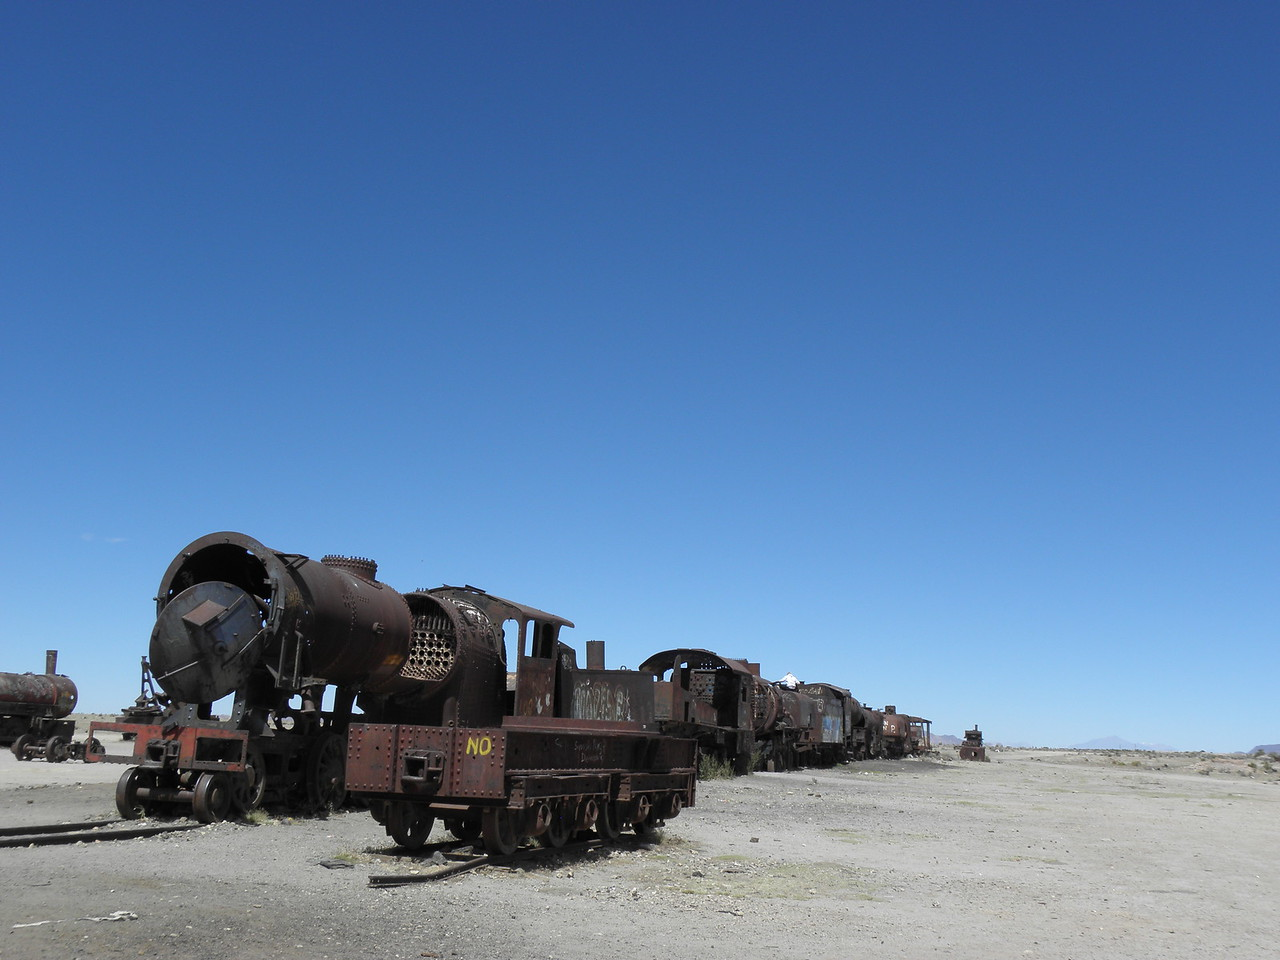 El Tren de Chile (1 of 12)